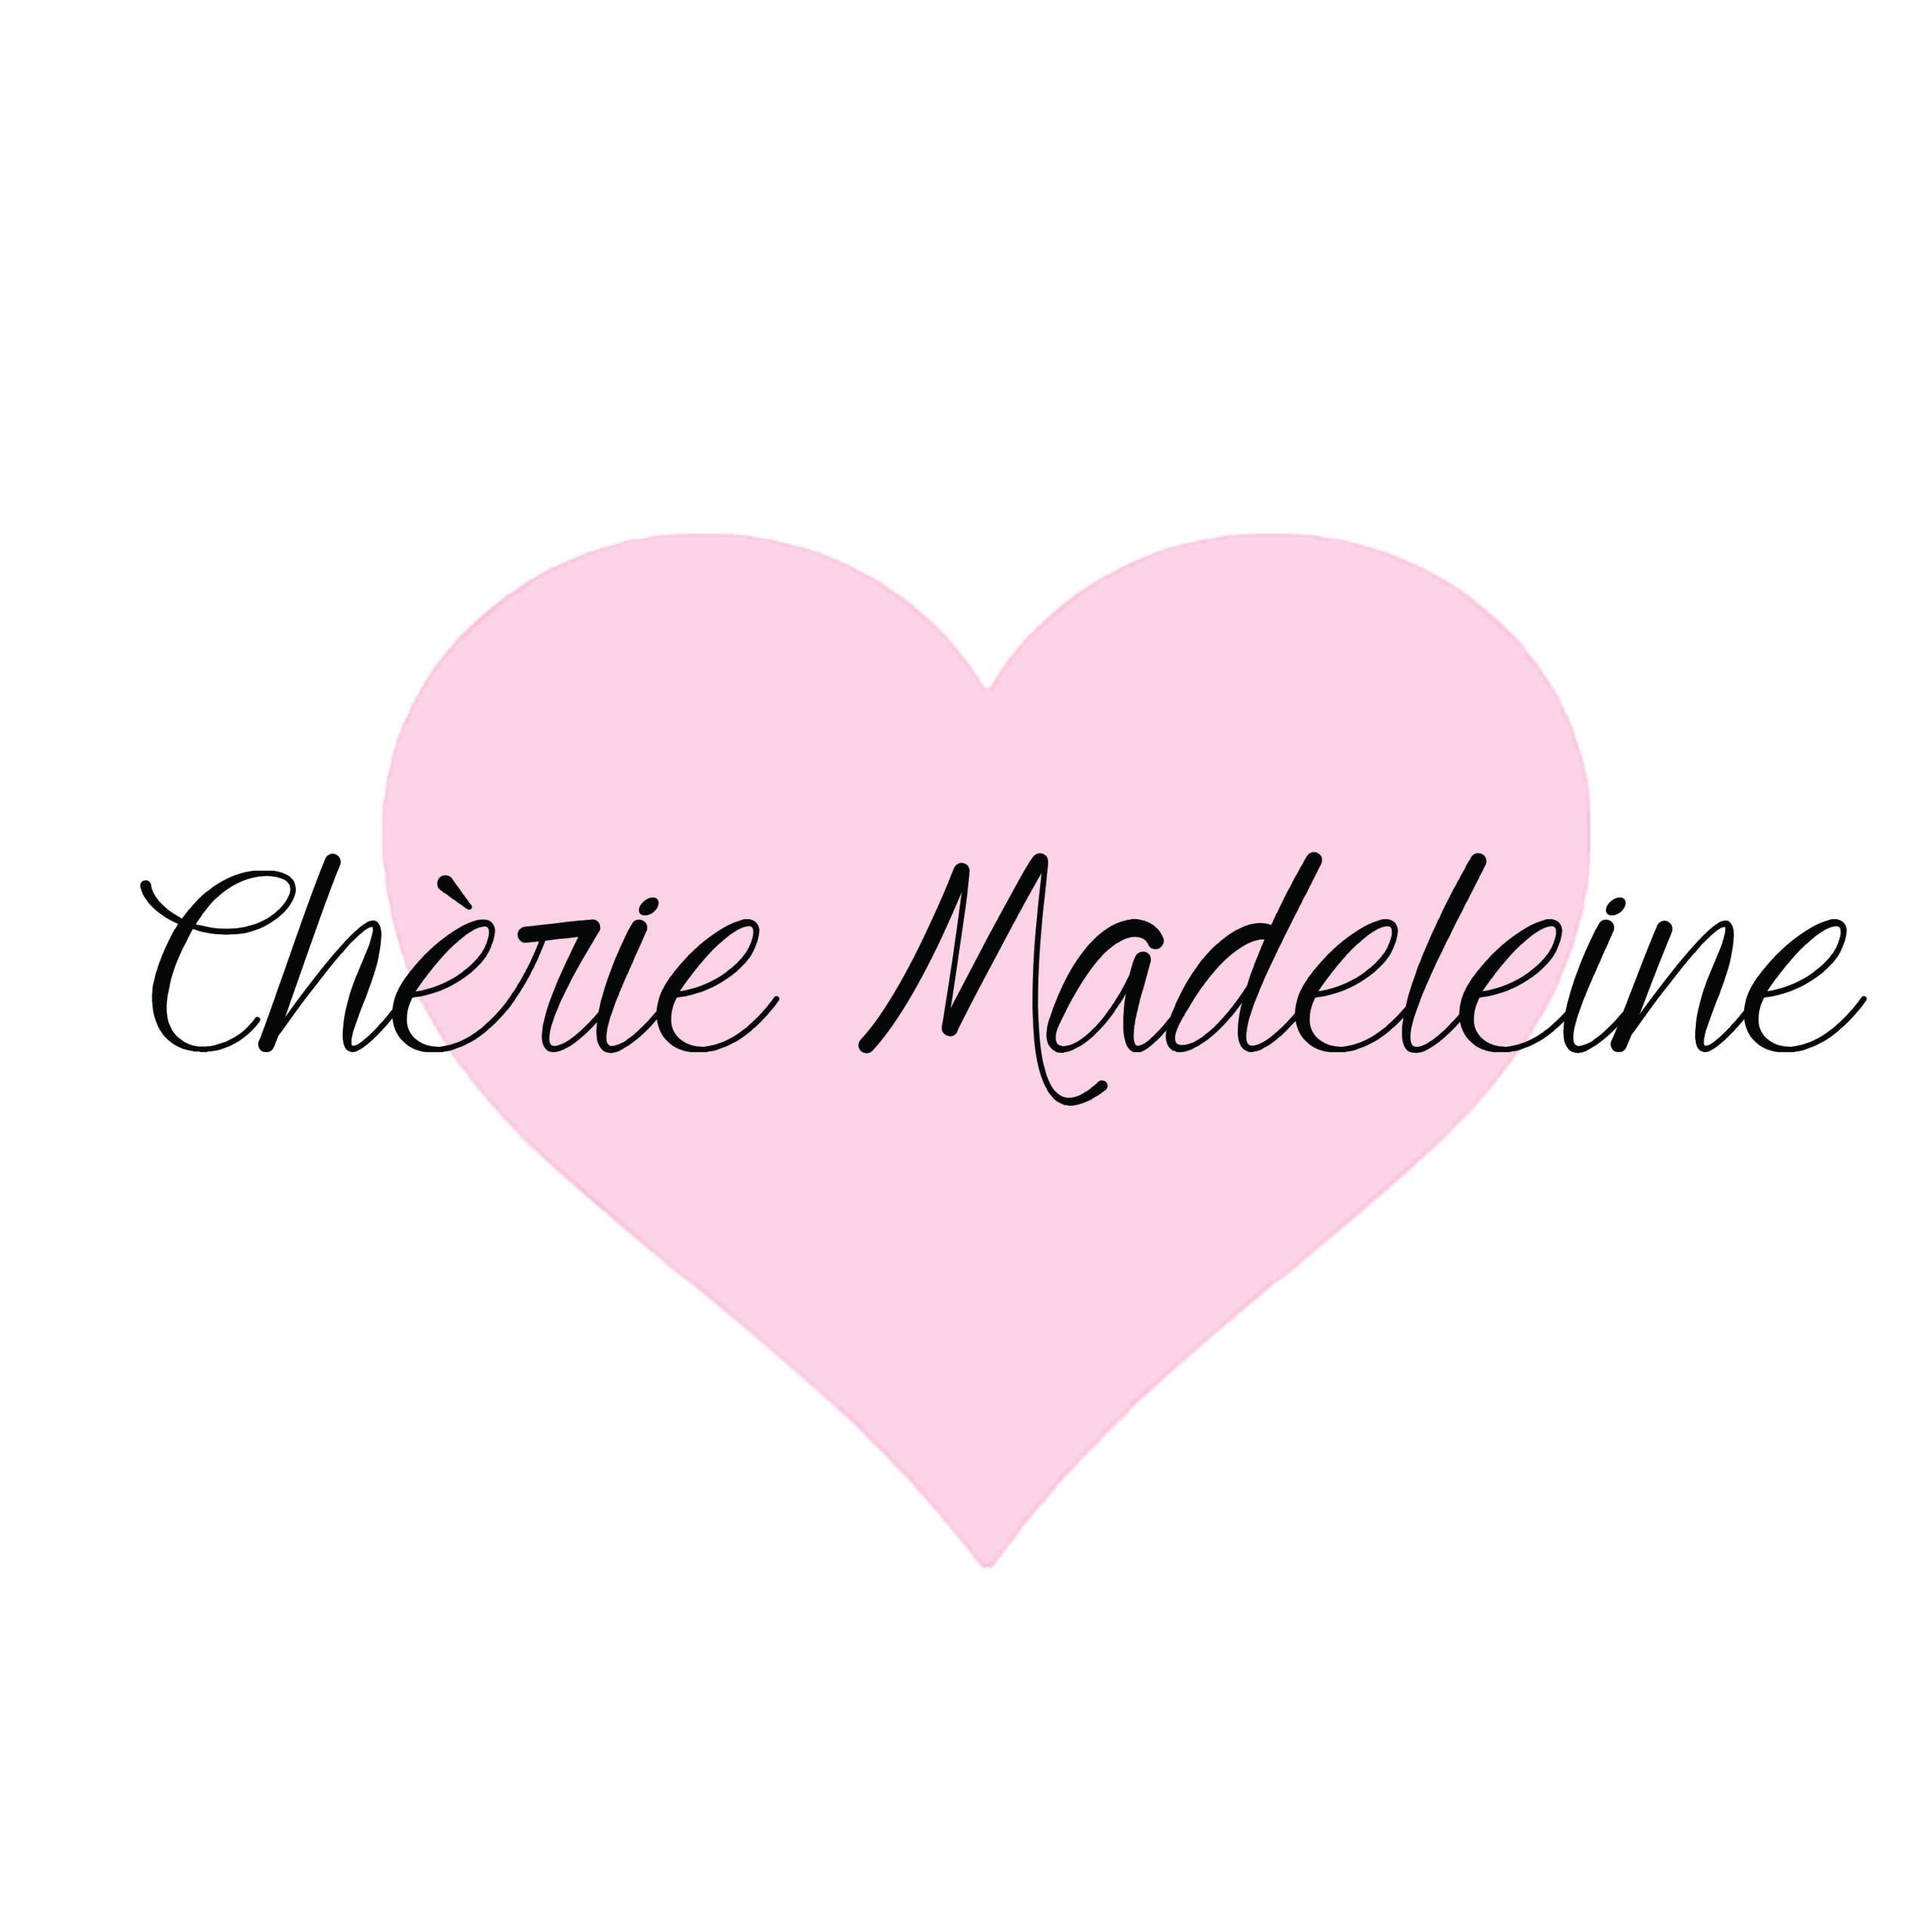 Il mondo di Chèrie Madeleine